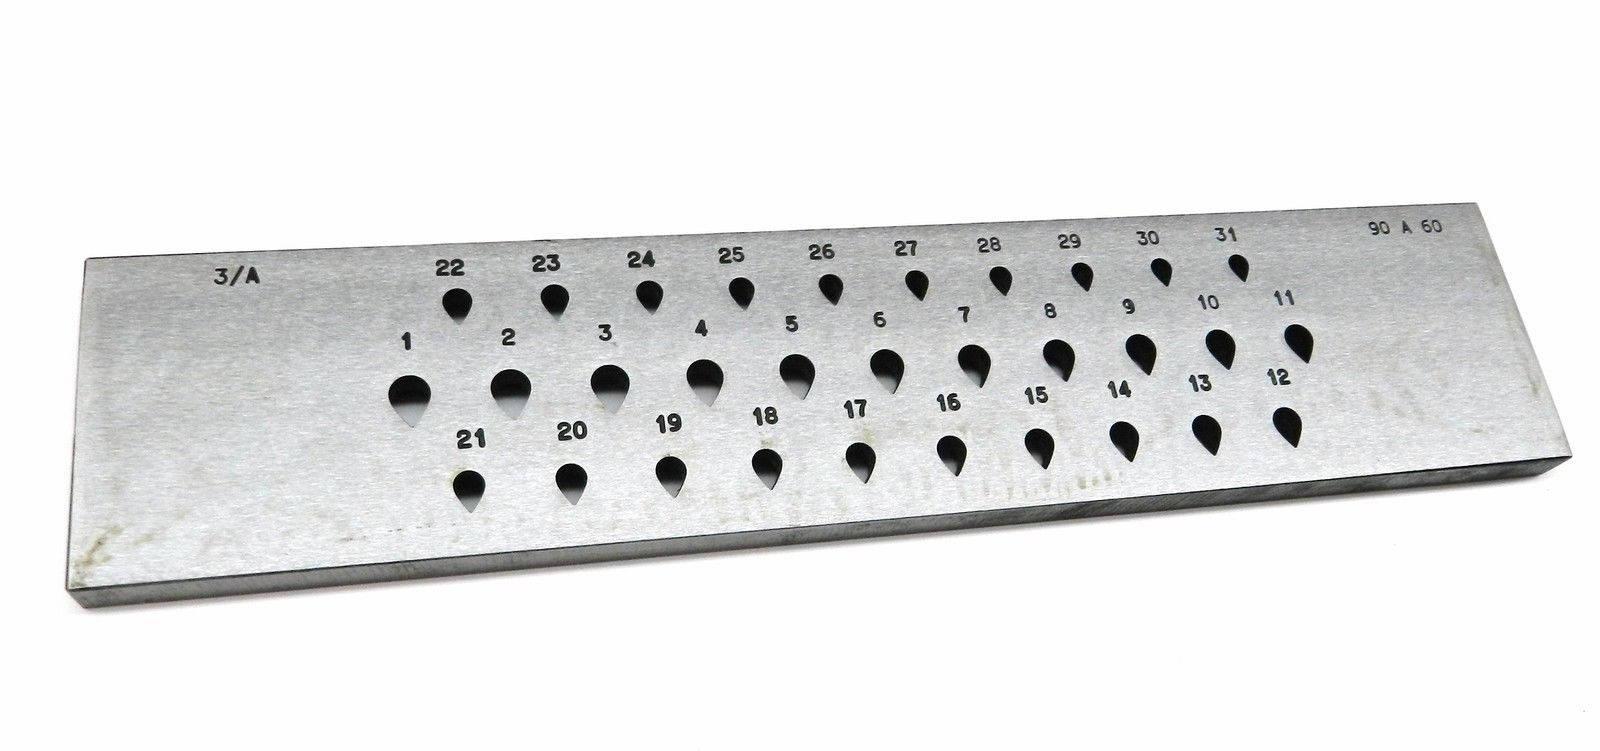 Poire forme Drawplate 9mm 6mm > 31 trous en en en forme de larme forme tirage plaque spécial Italie (2.5FRE) ce74fc